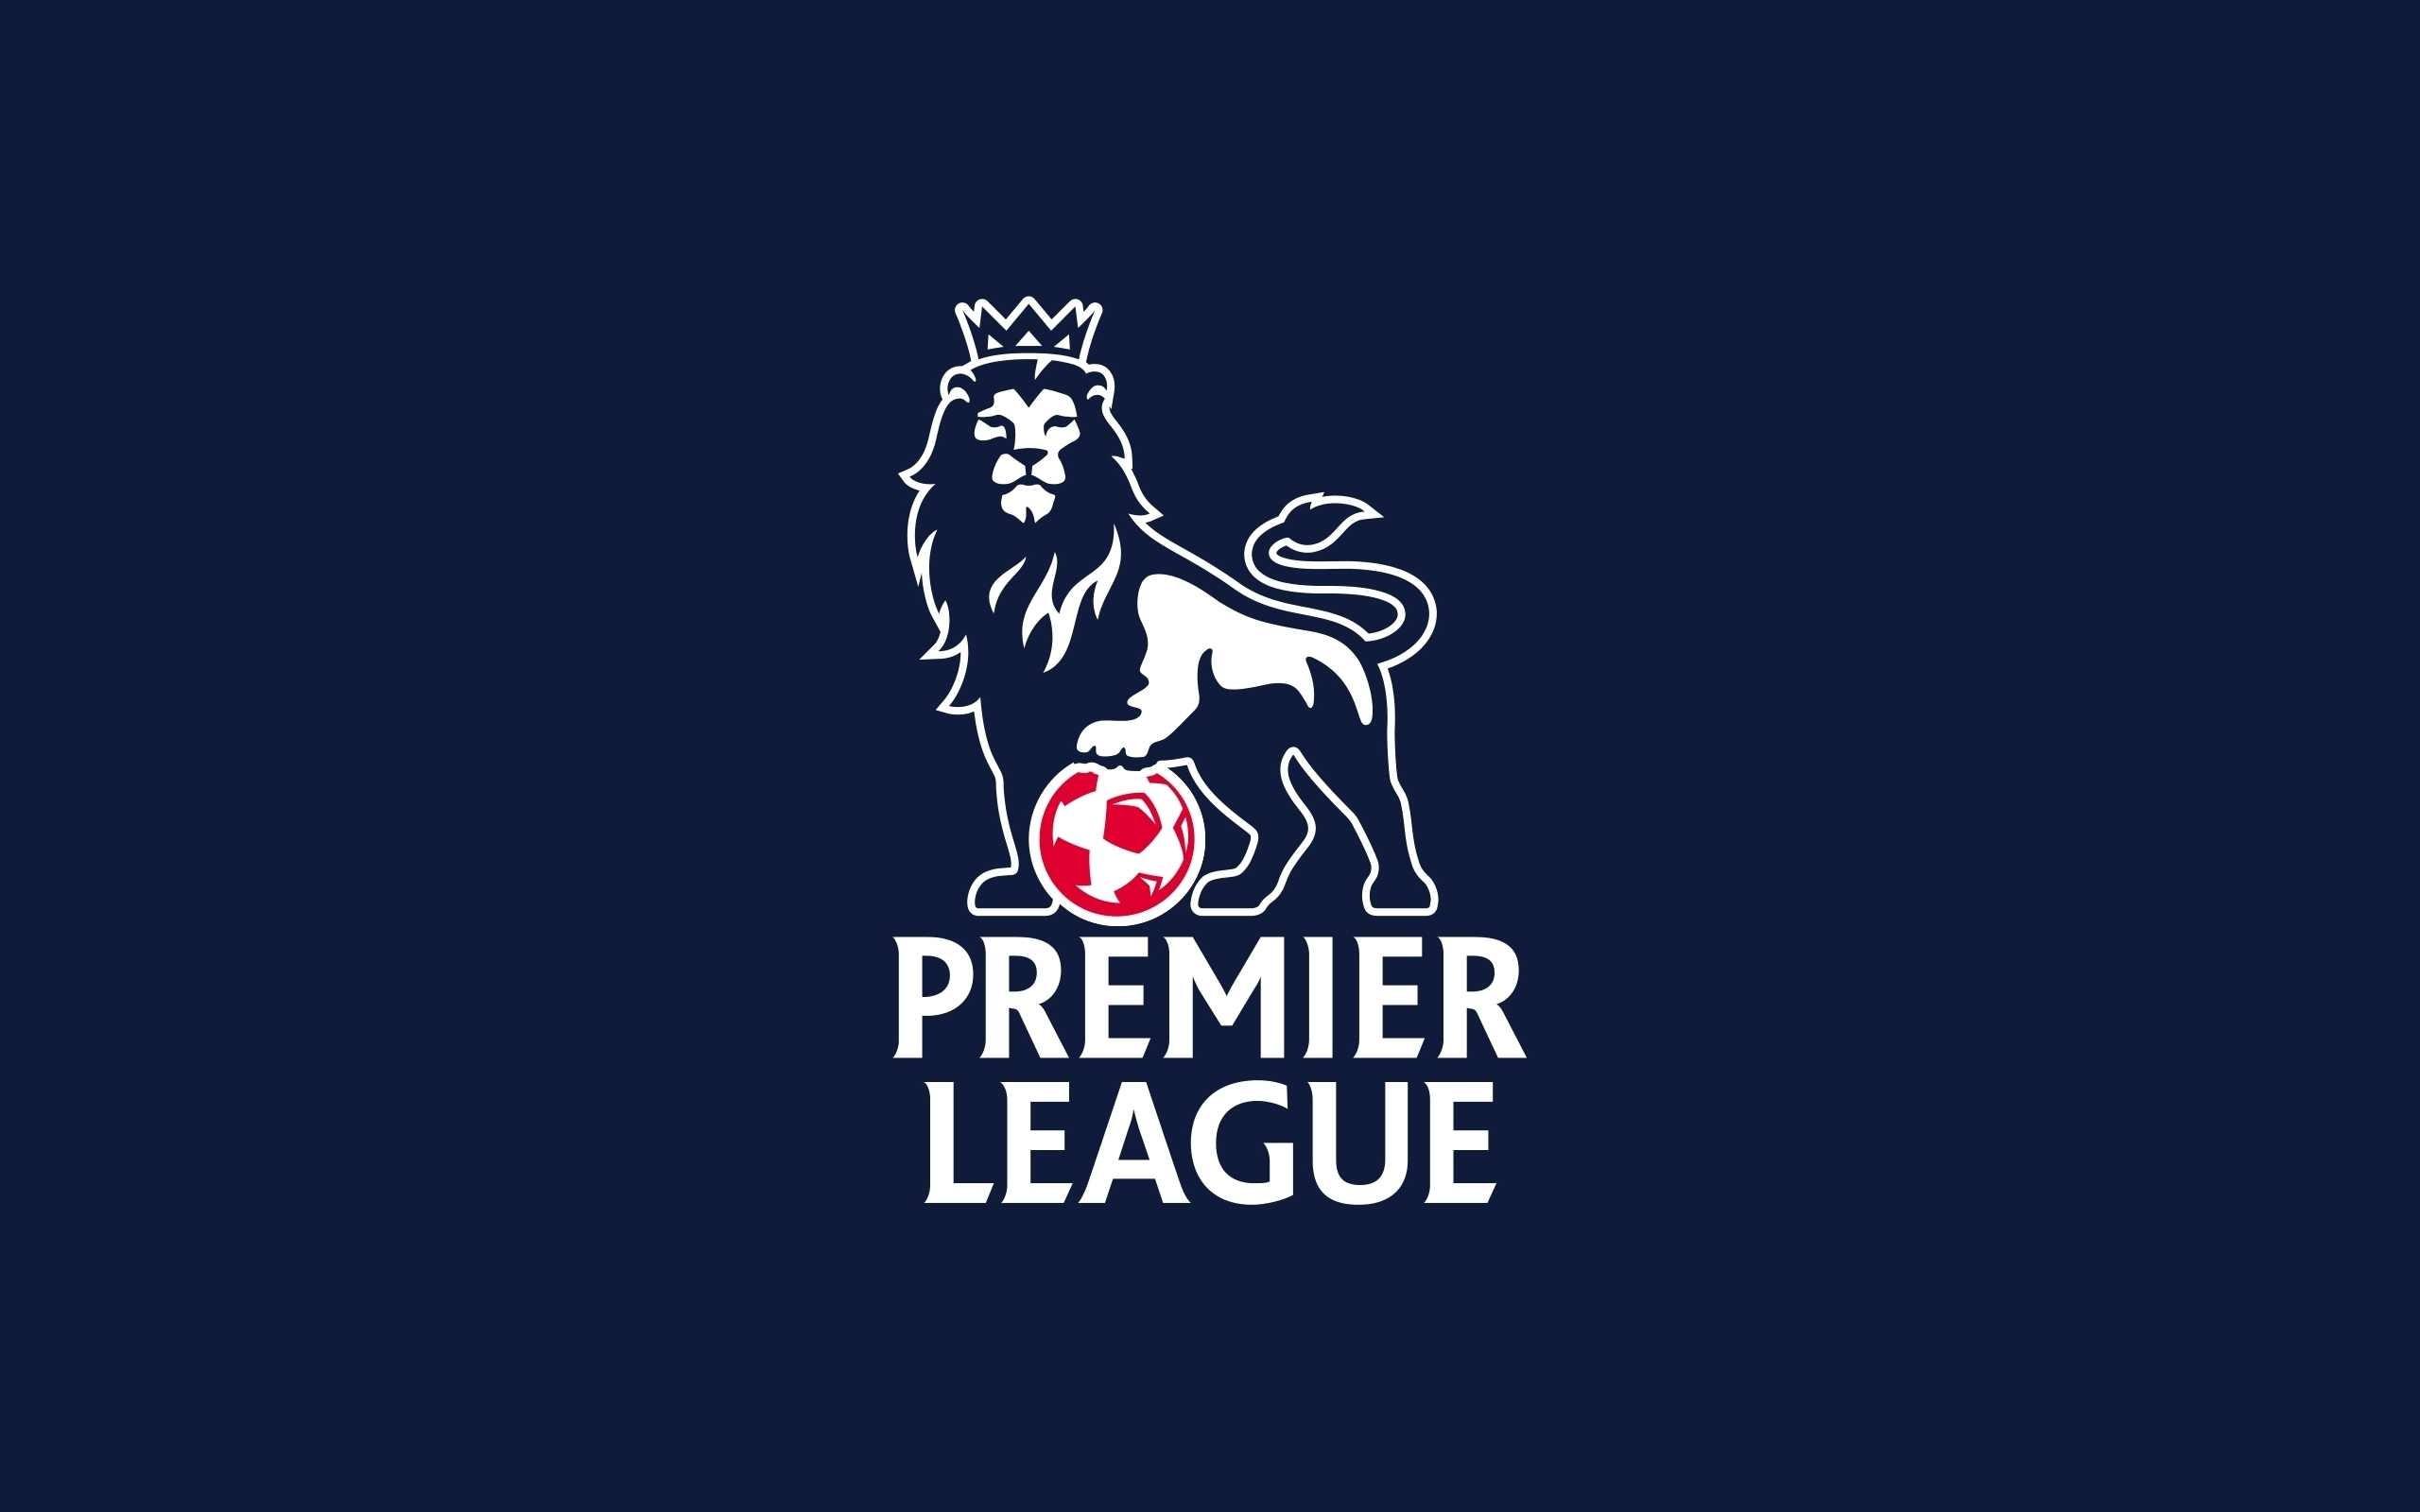 الدوري الانجليزي الجديد لكرة القدم